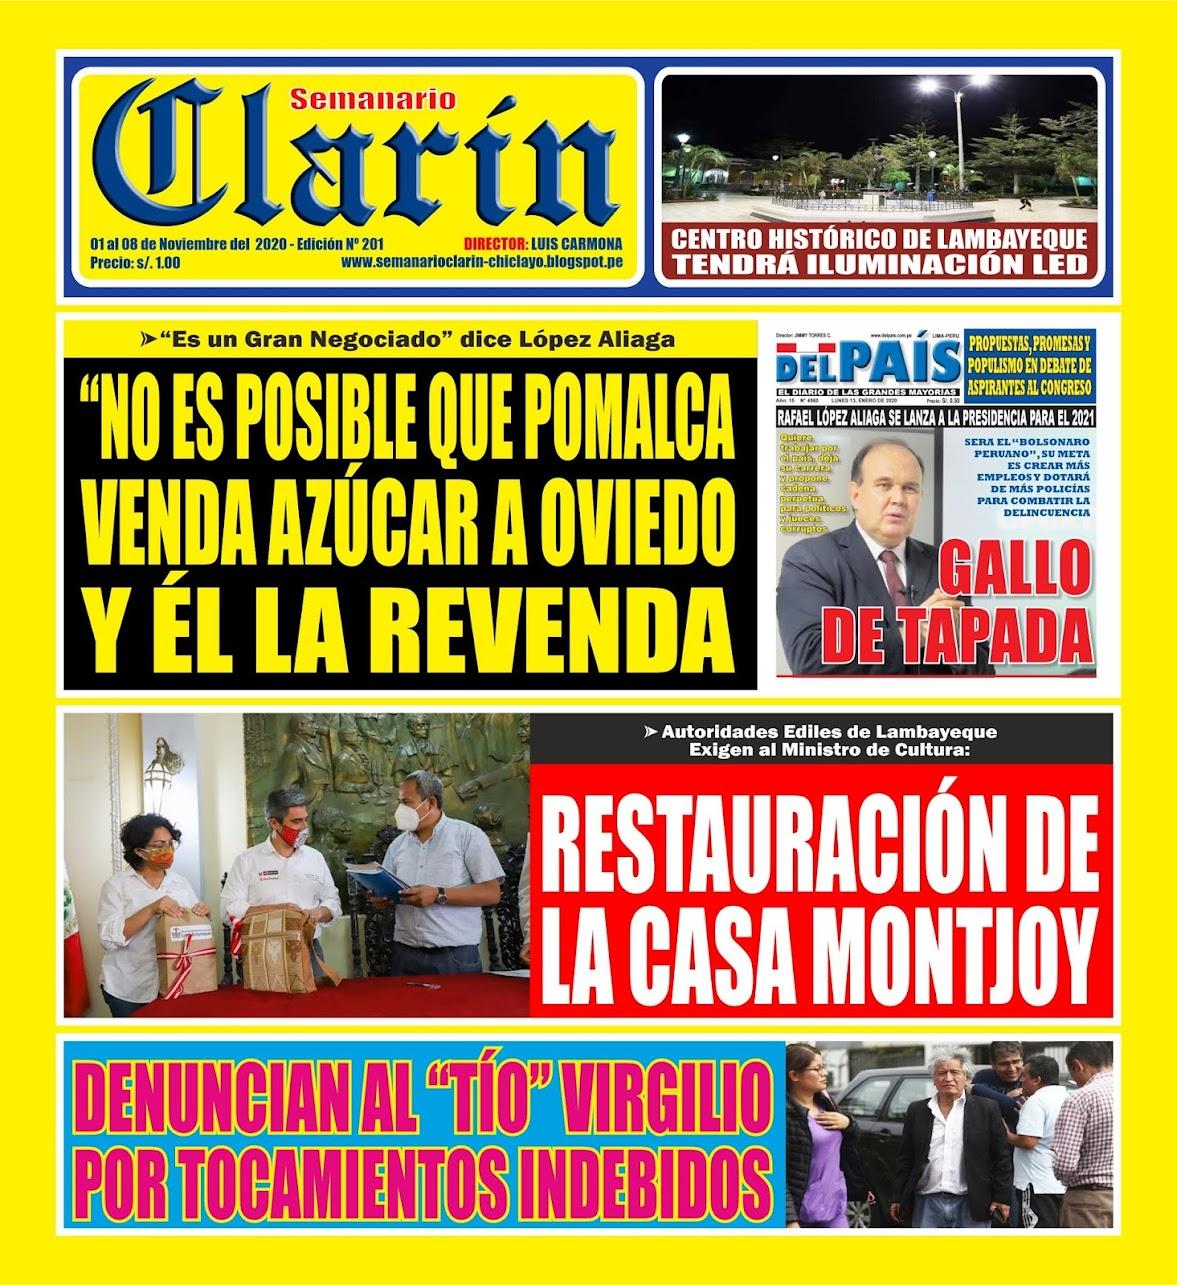 clarín - edición 201